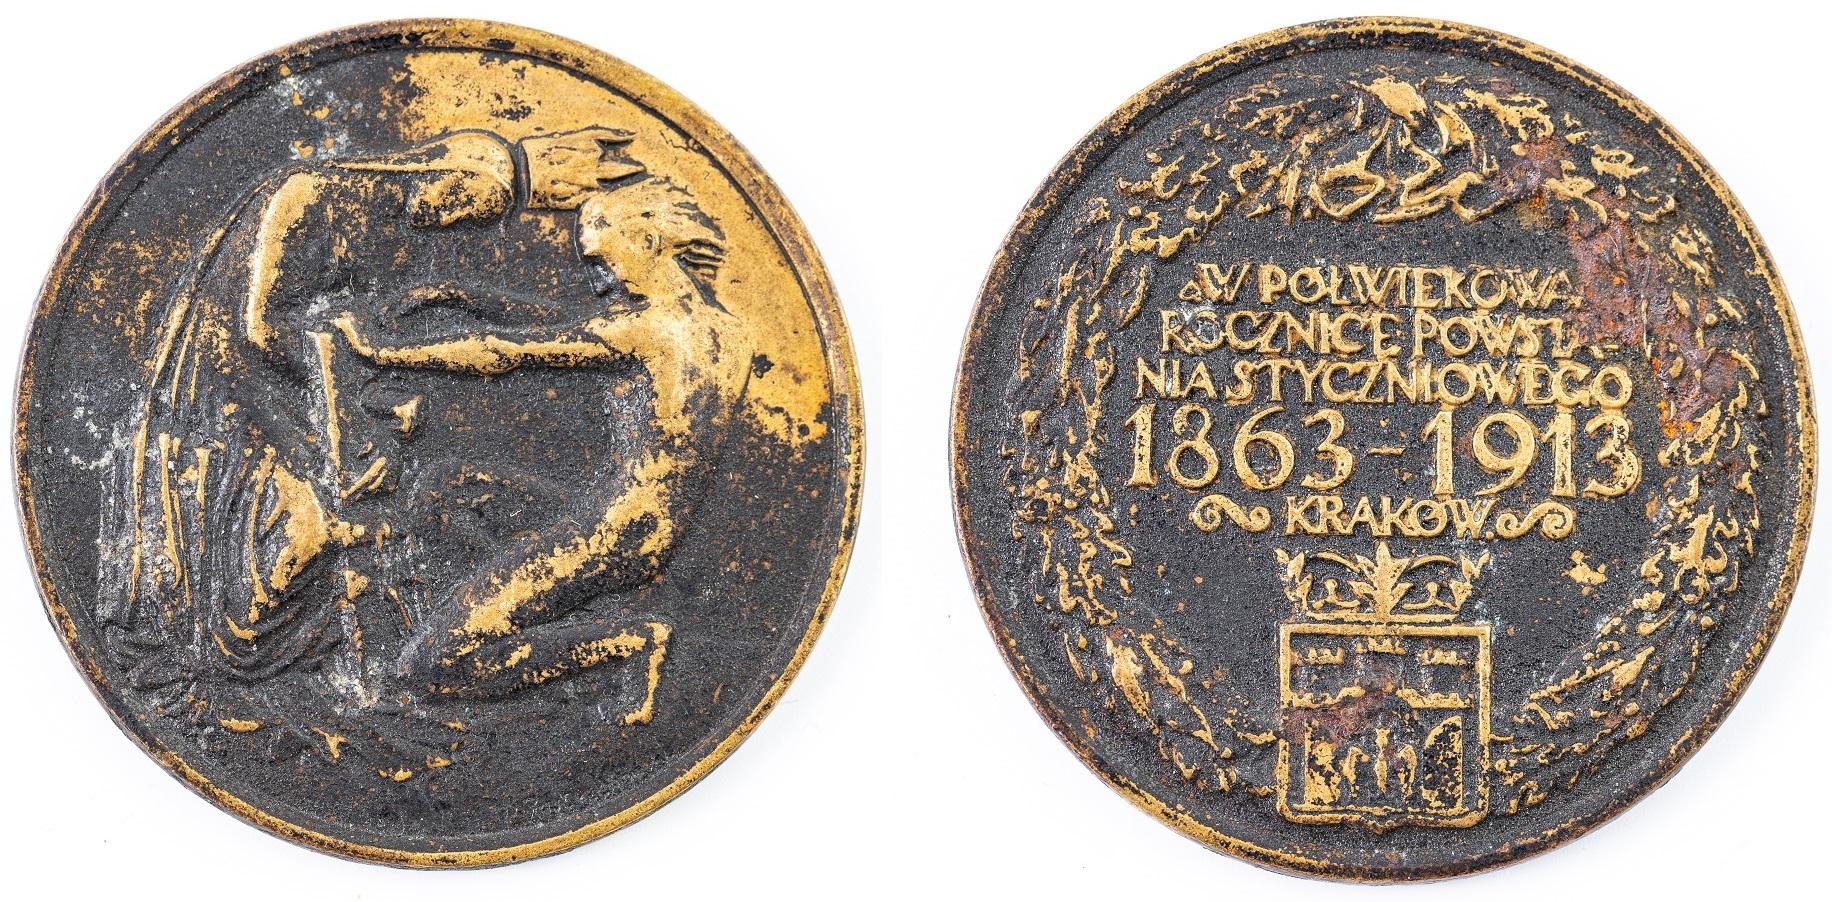 MEDAL, 50 ROCZNICA POWSTANIA STYCZNIOWEGO, Kraków, 1913